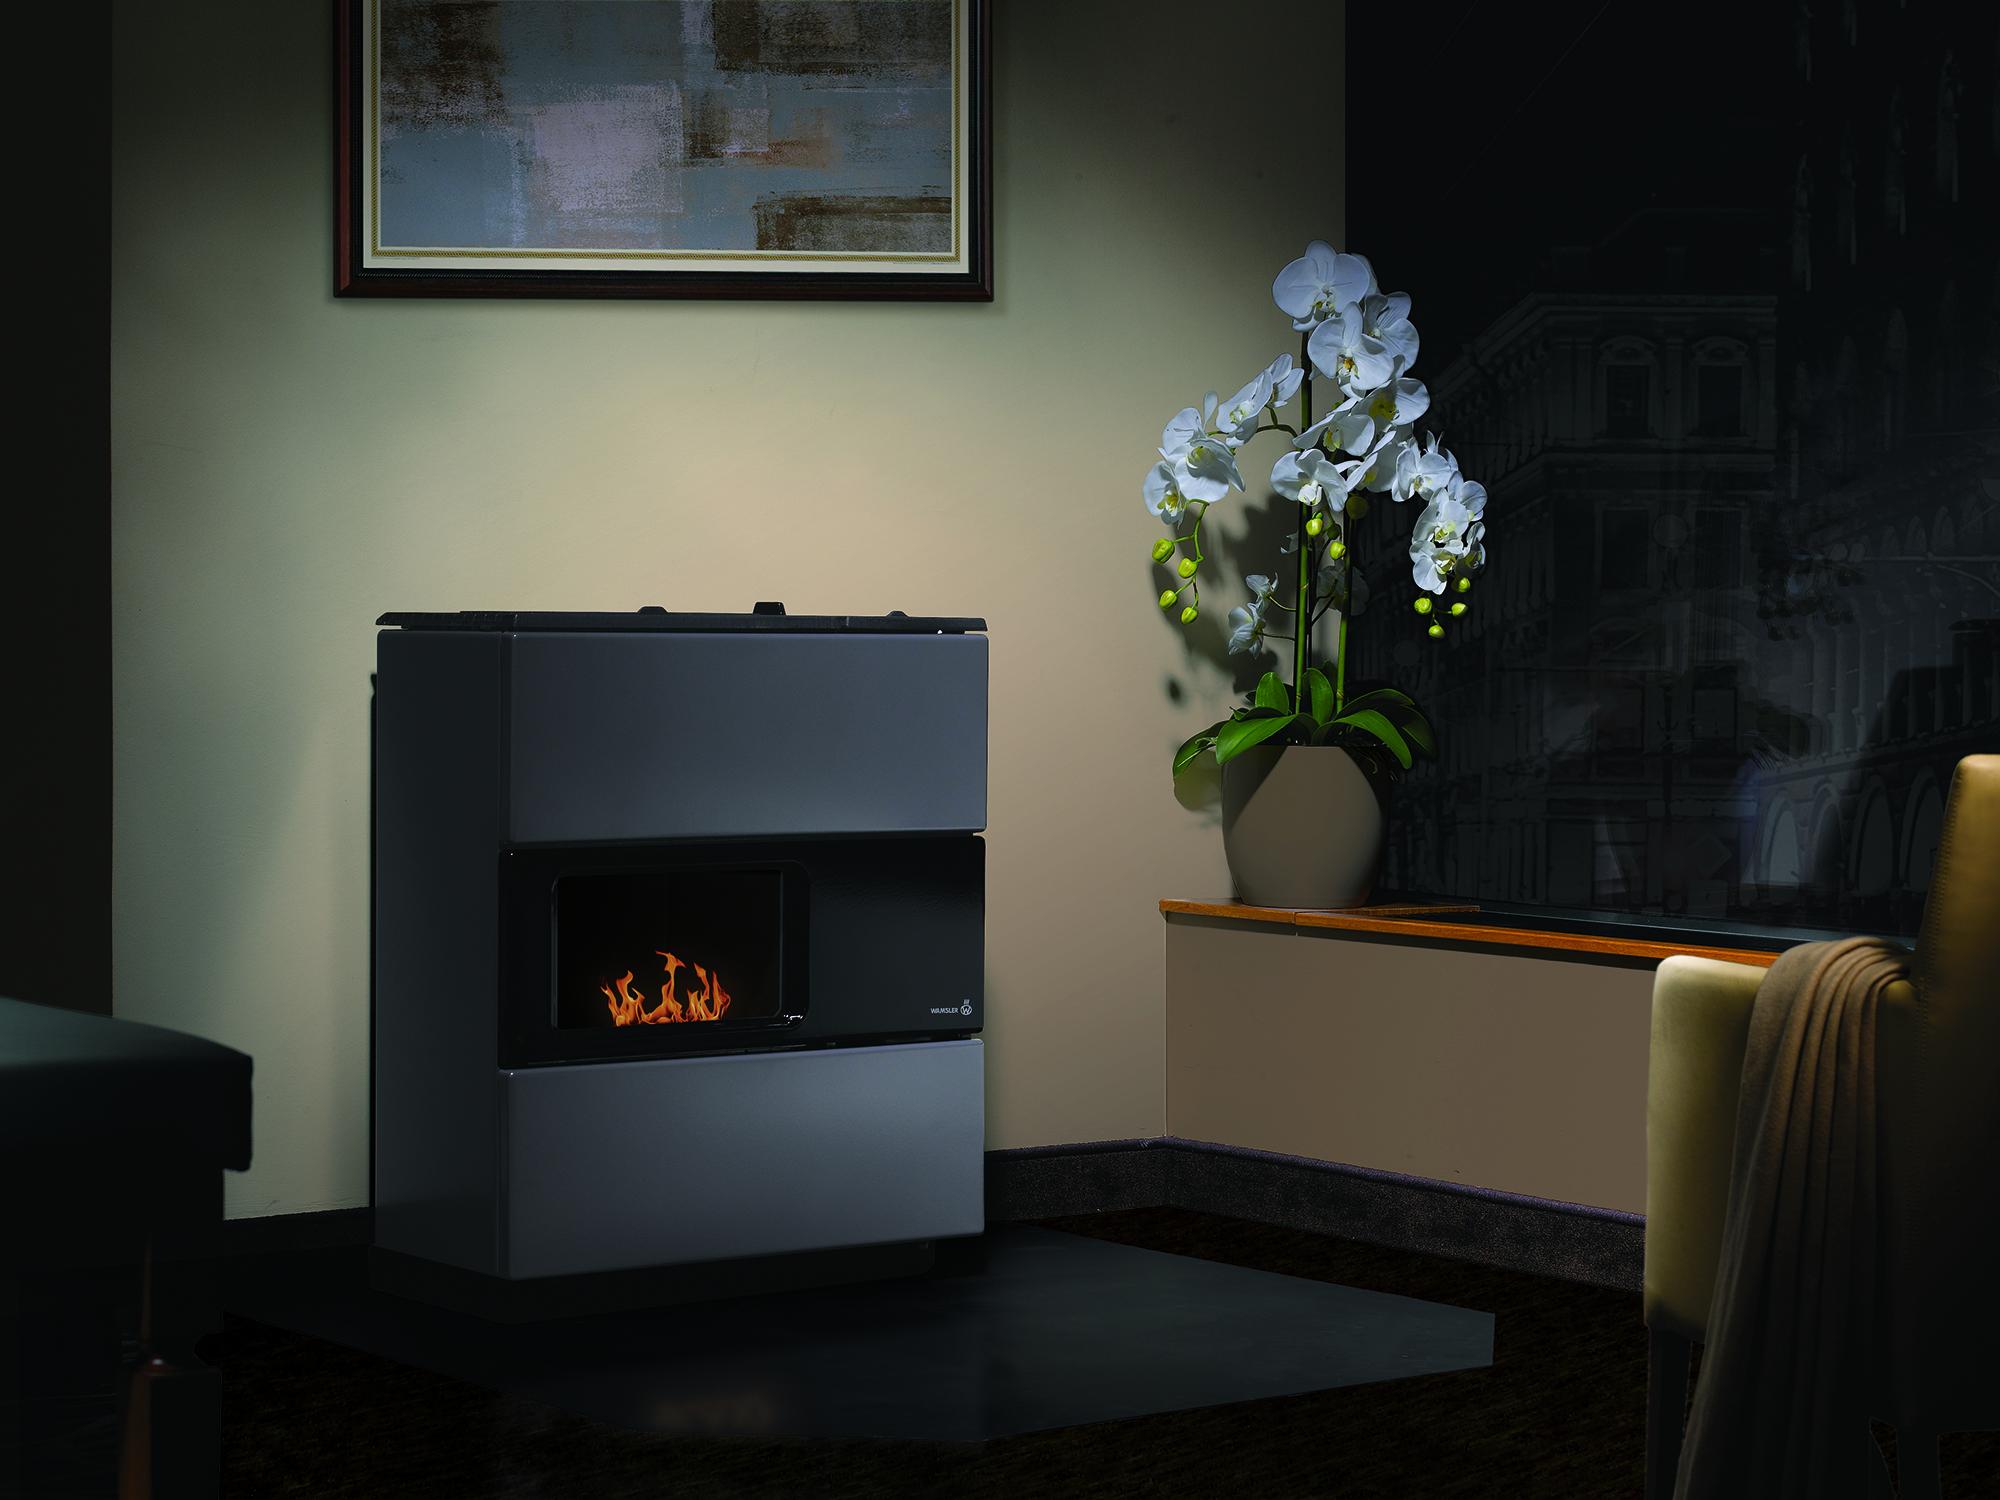 lofen os 4 5 vario kaschmir wamsler gmbh. Black Bedroom Furniture Sets. Home Design Ideas